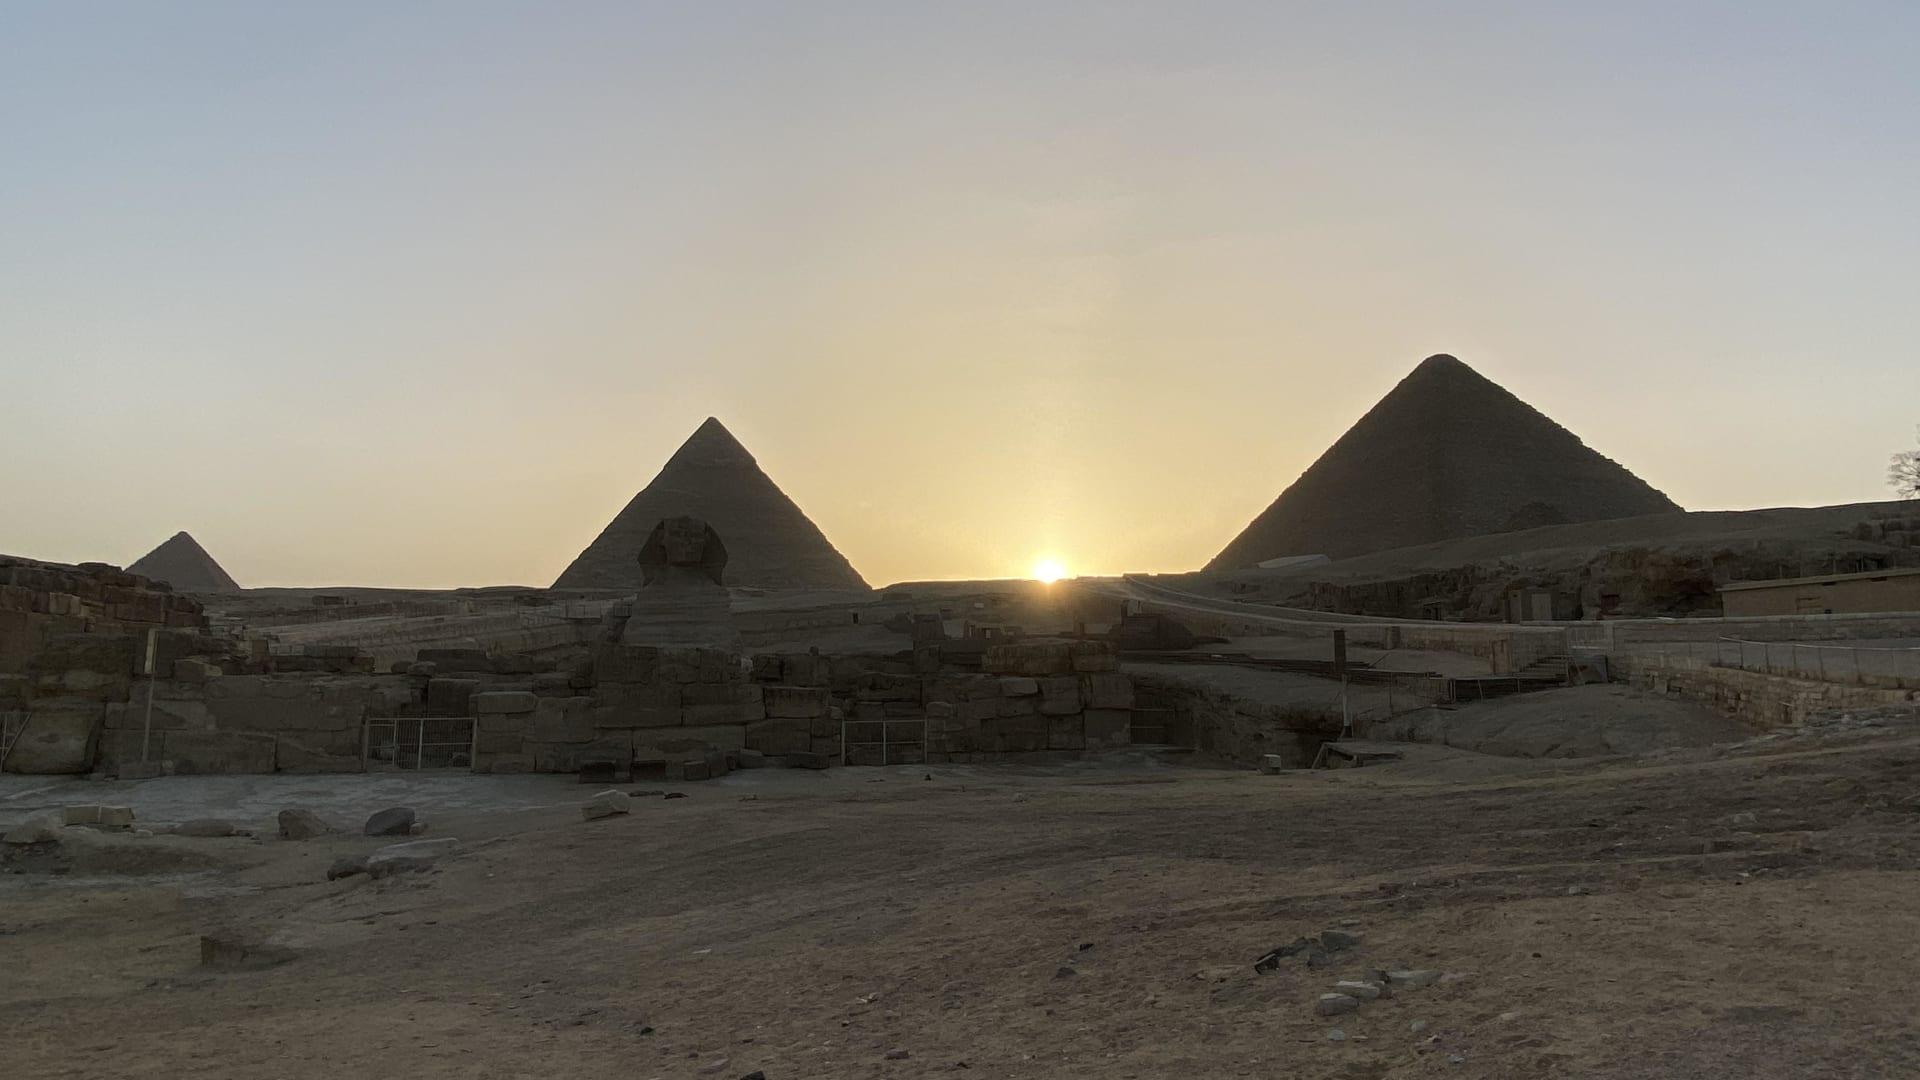 عالم المصريات زاهي حواس يكشف عن ظاهرة شمسية بأهرامات الجيزة